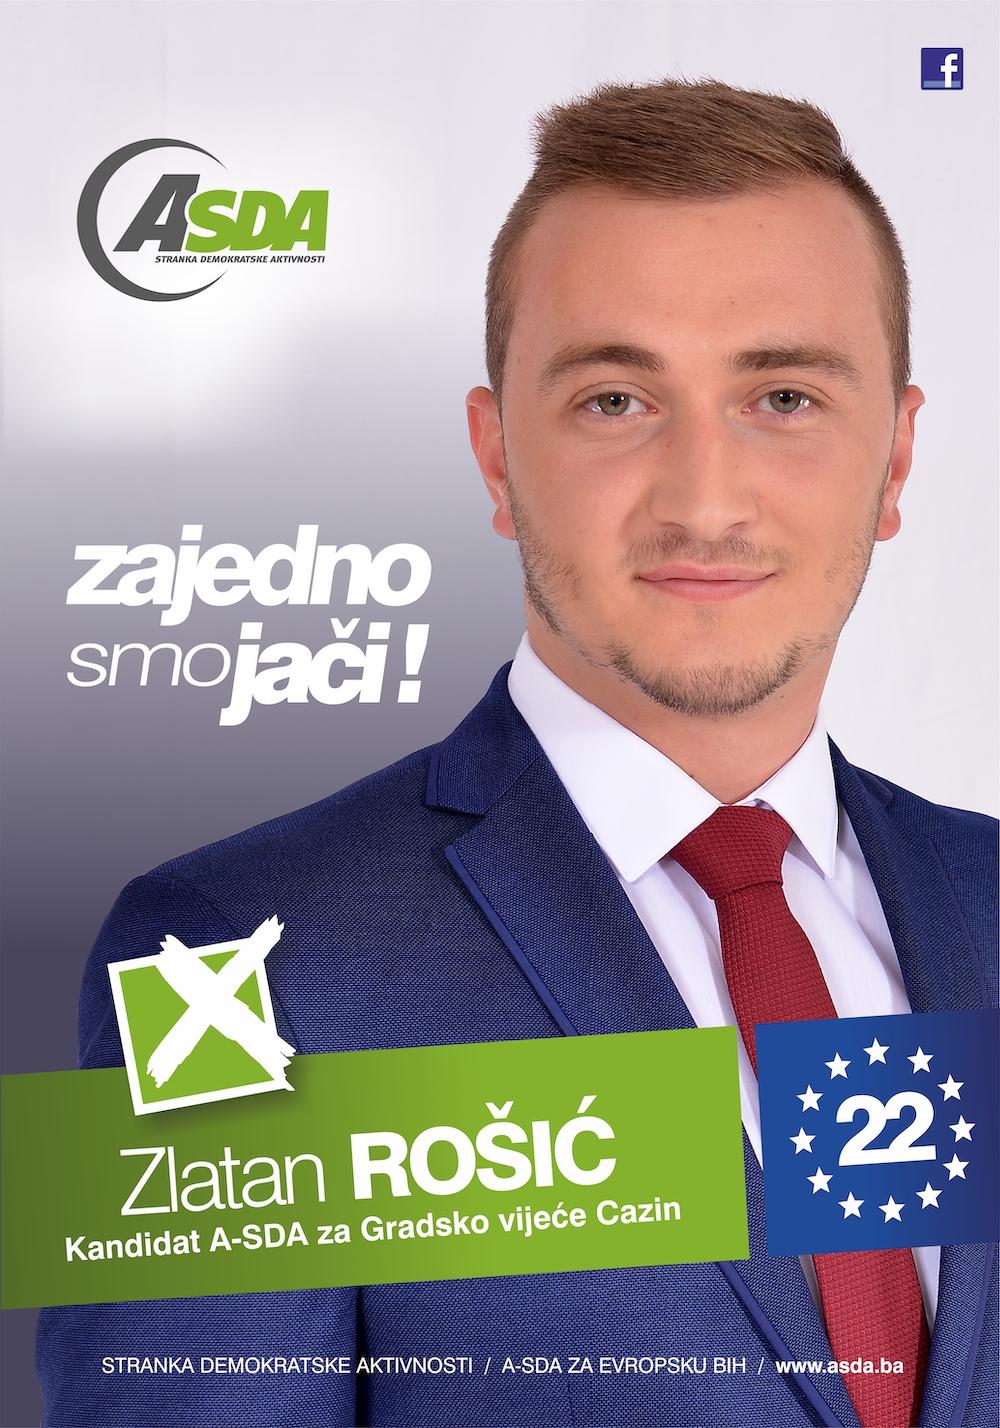 Zlatan Rošić